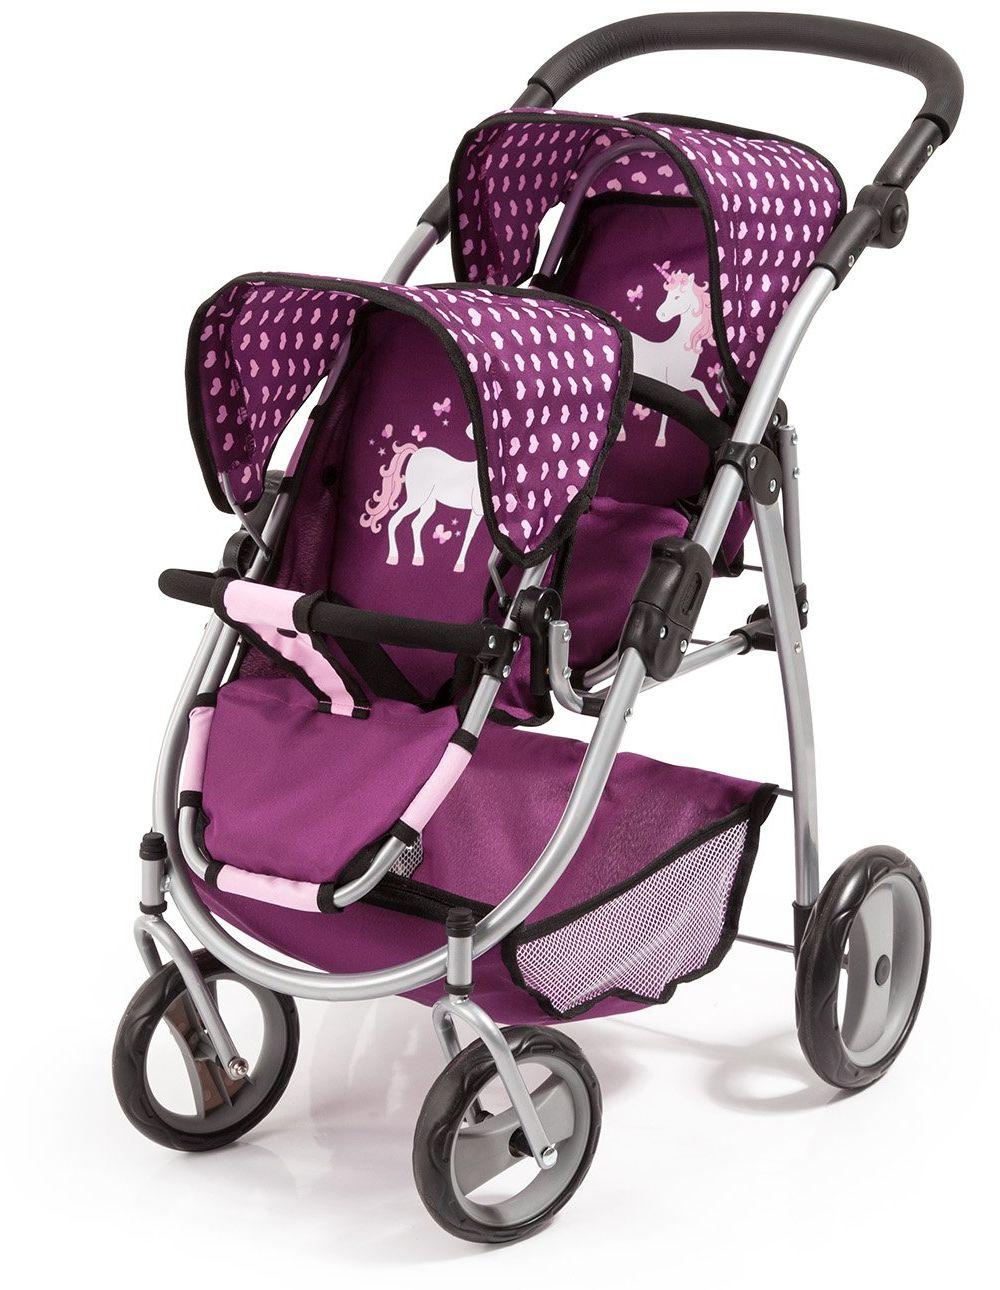 Bayer Design 26537AA wózek dziecięcy z podwójnym tandemem, składany, uchwyt z regulacją wysokości, obrotowe koła, pod koszykiem na zakupy, różowy, fioletowy